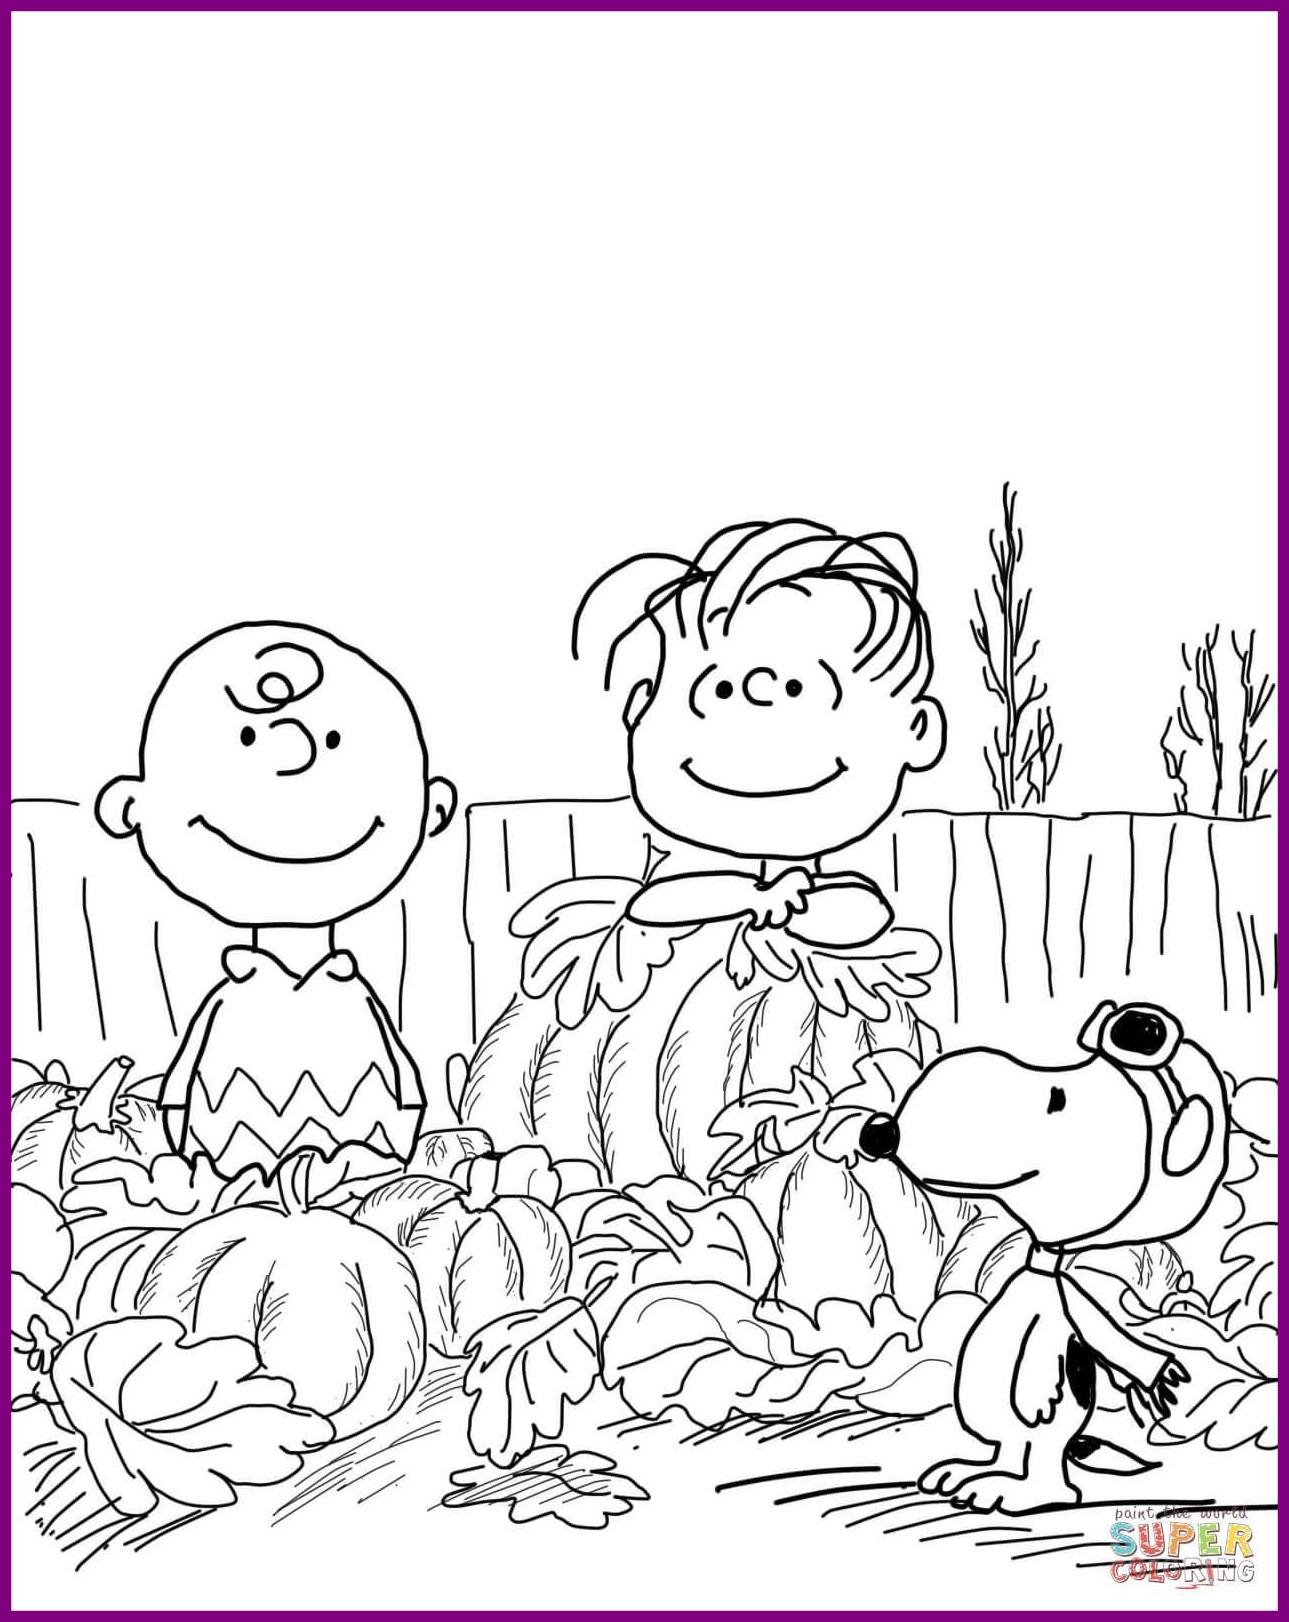 1289x1622 Astonishing Charlie Brown Halloween Coloring Page Printable